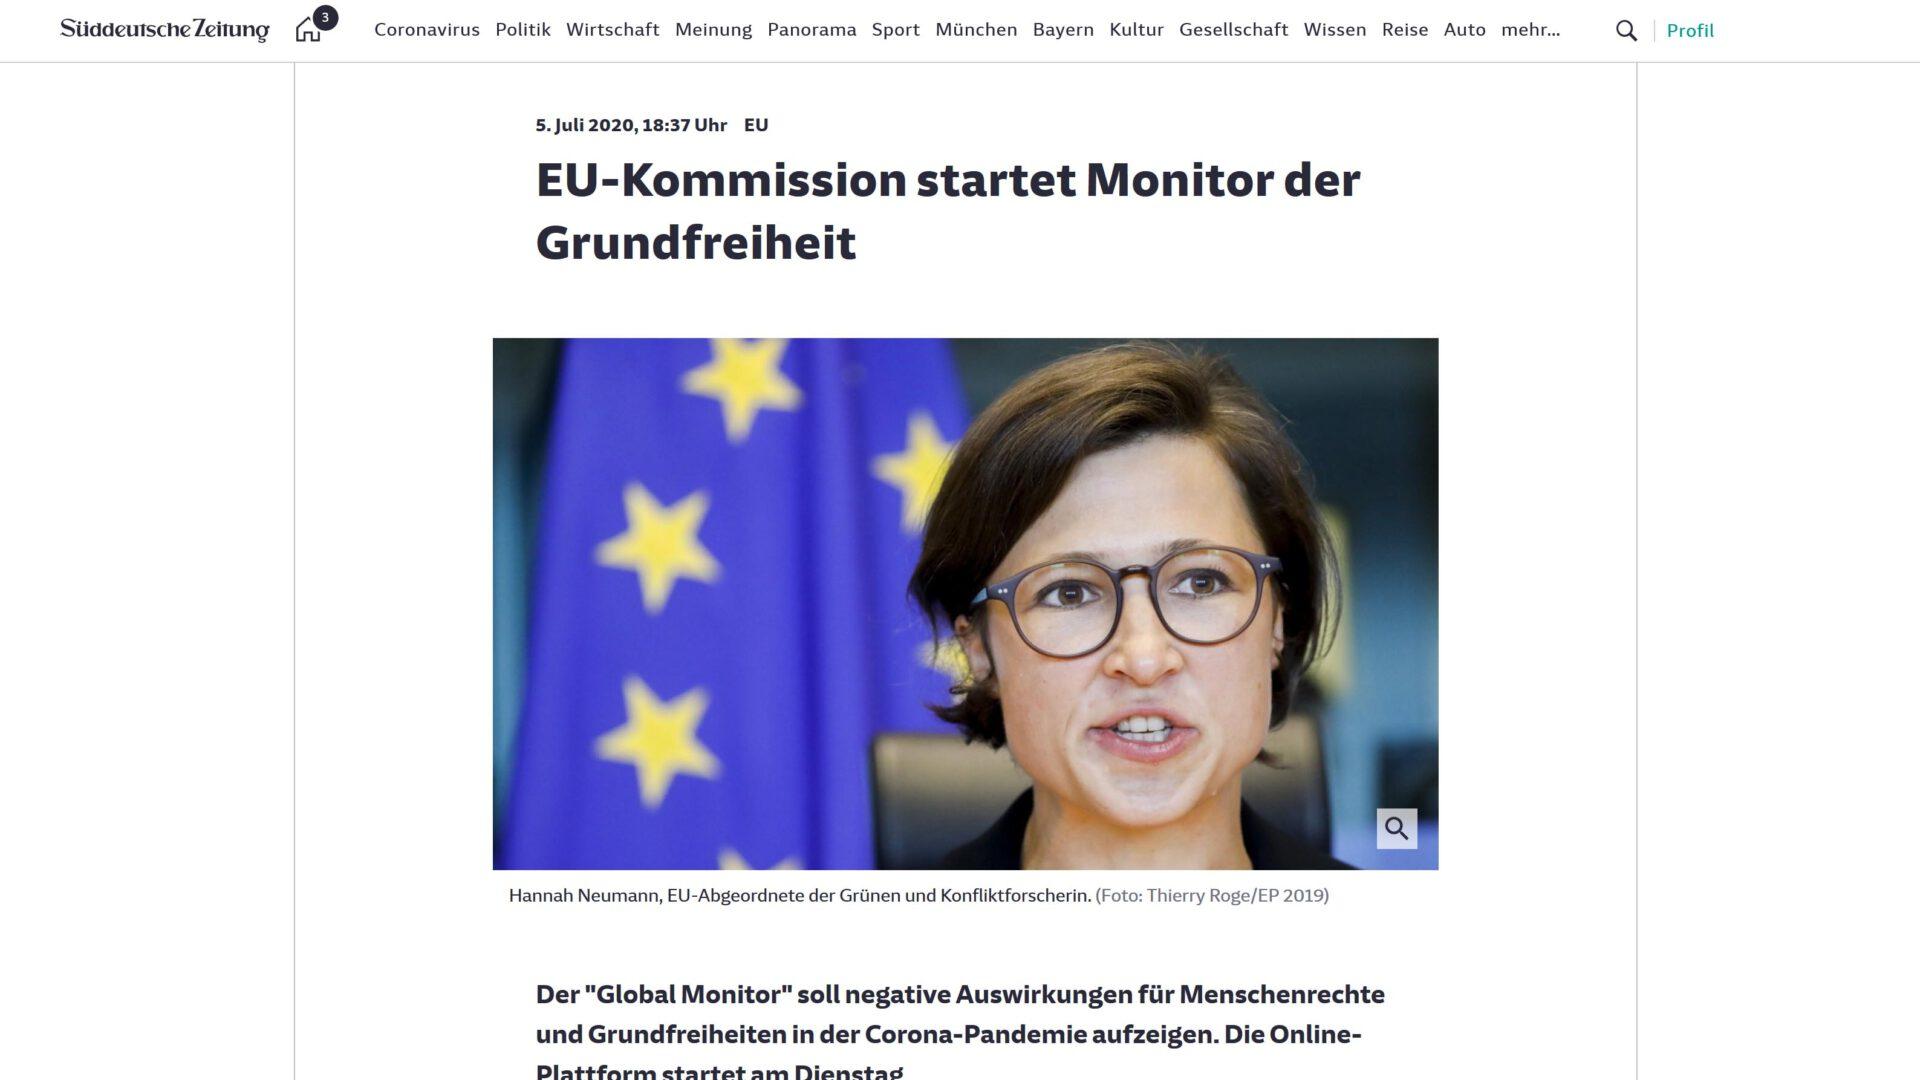 Monitor für Menschenrechte in Coronazeiten - Bericht der Süddeutschen Zeitung